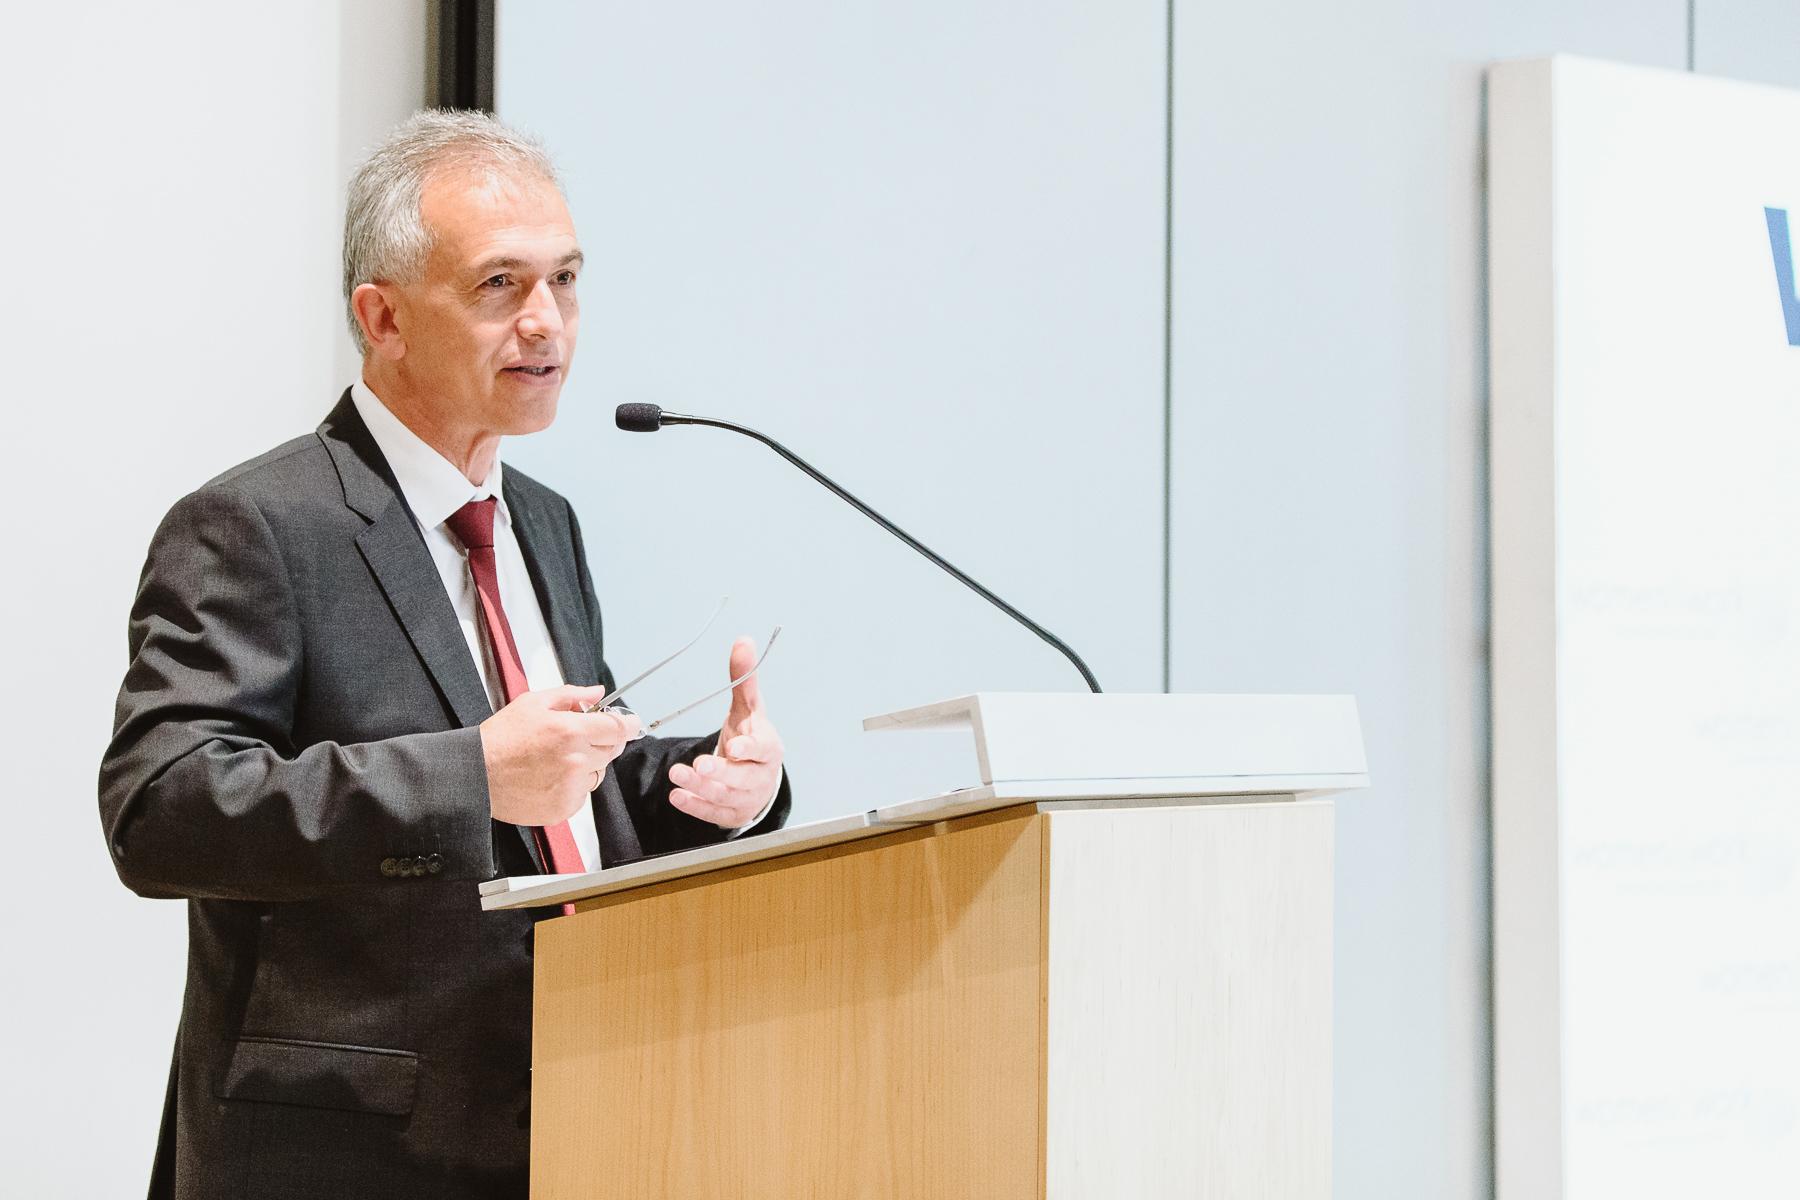 Kongressfotografie - women&work - Oberbürgermeister Peter Feldmann von Frankfurt begrüßt Standortwechsel